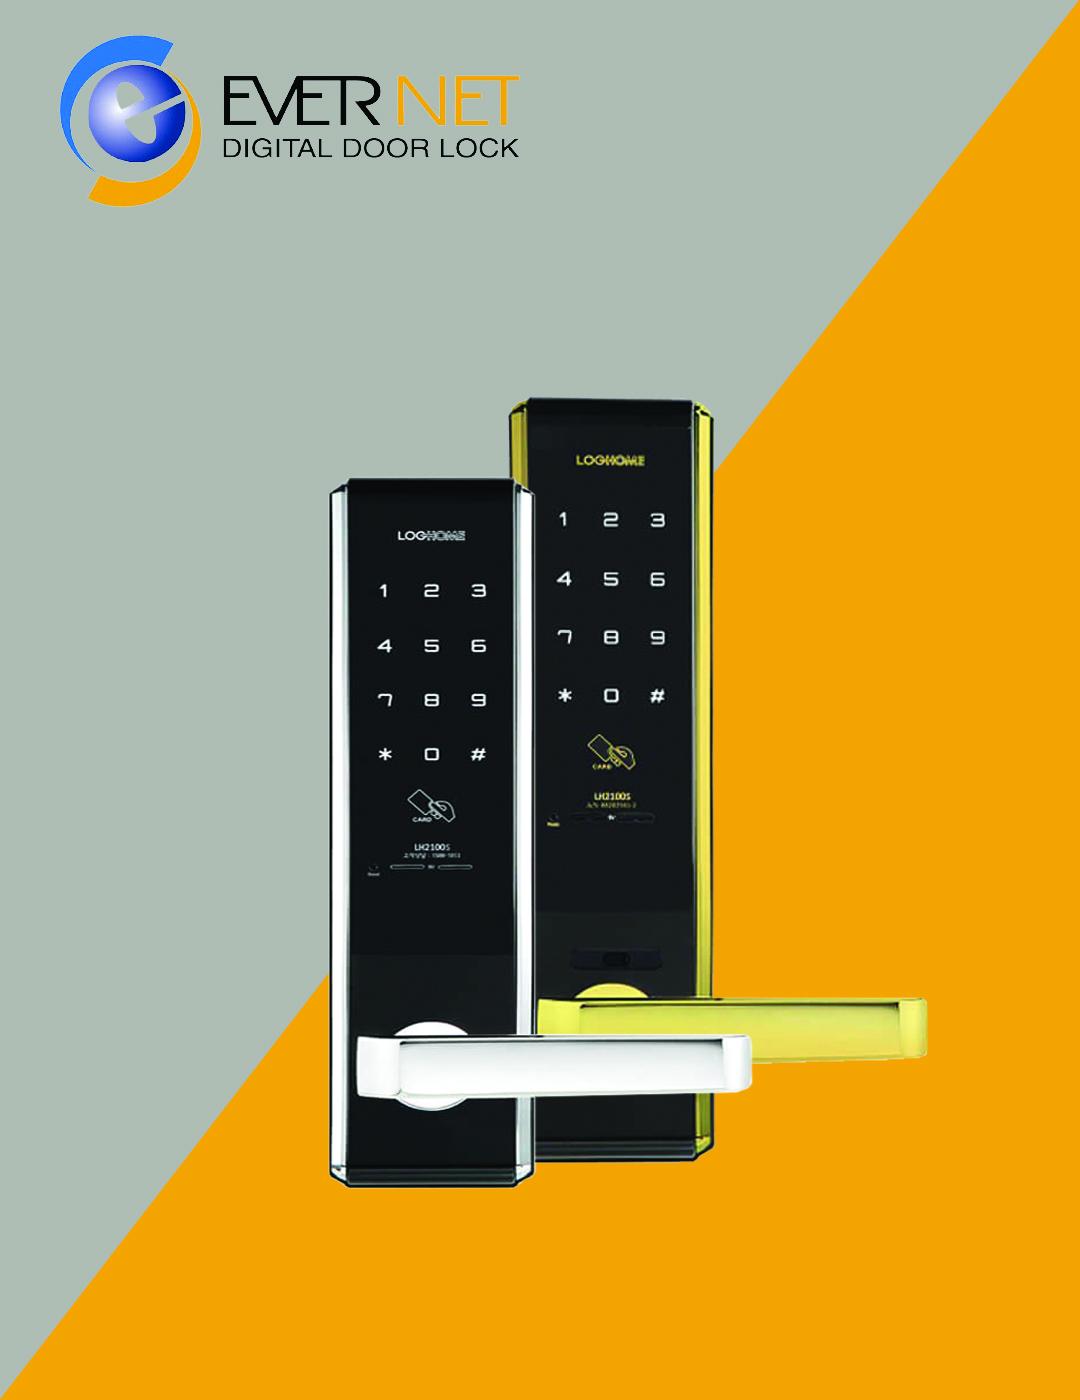 قفل دیجیتال اورنت LH2100